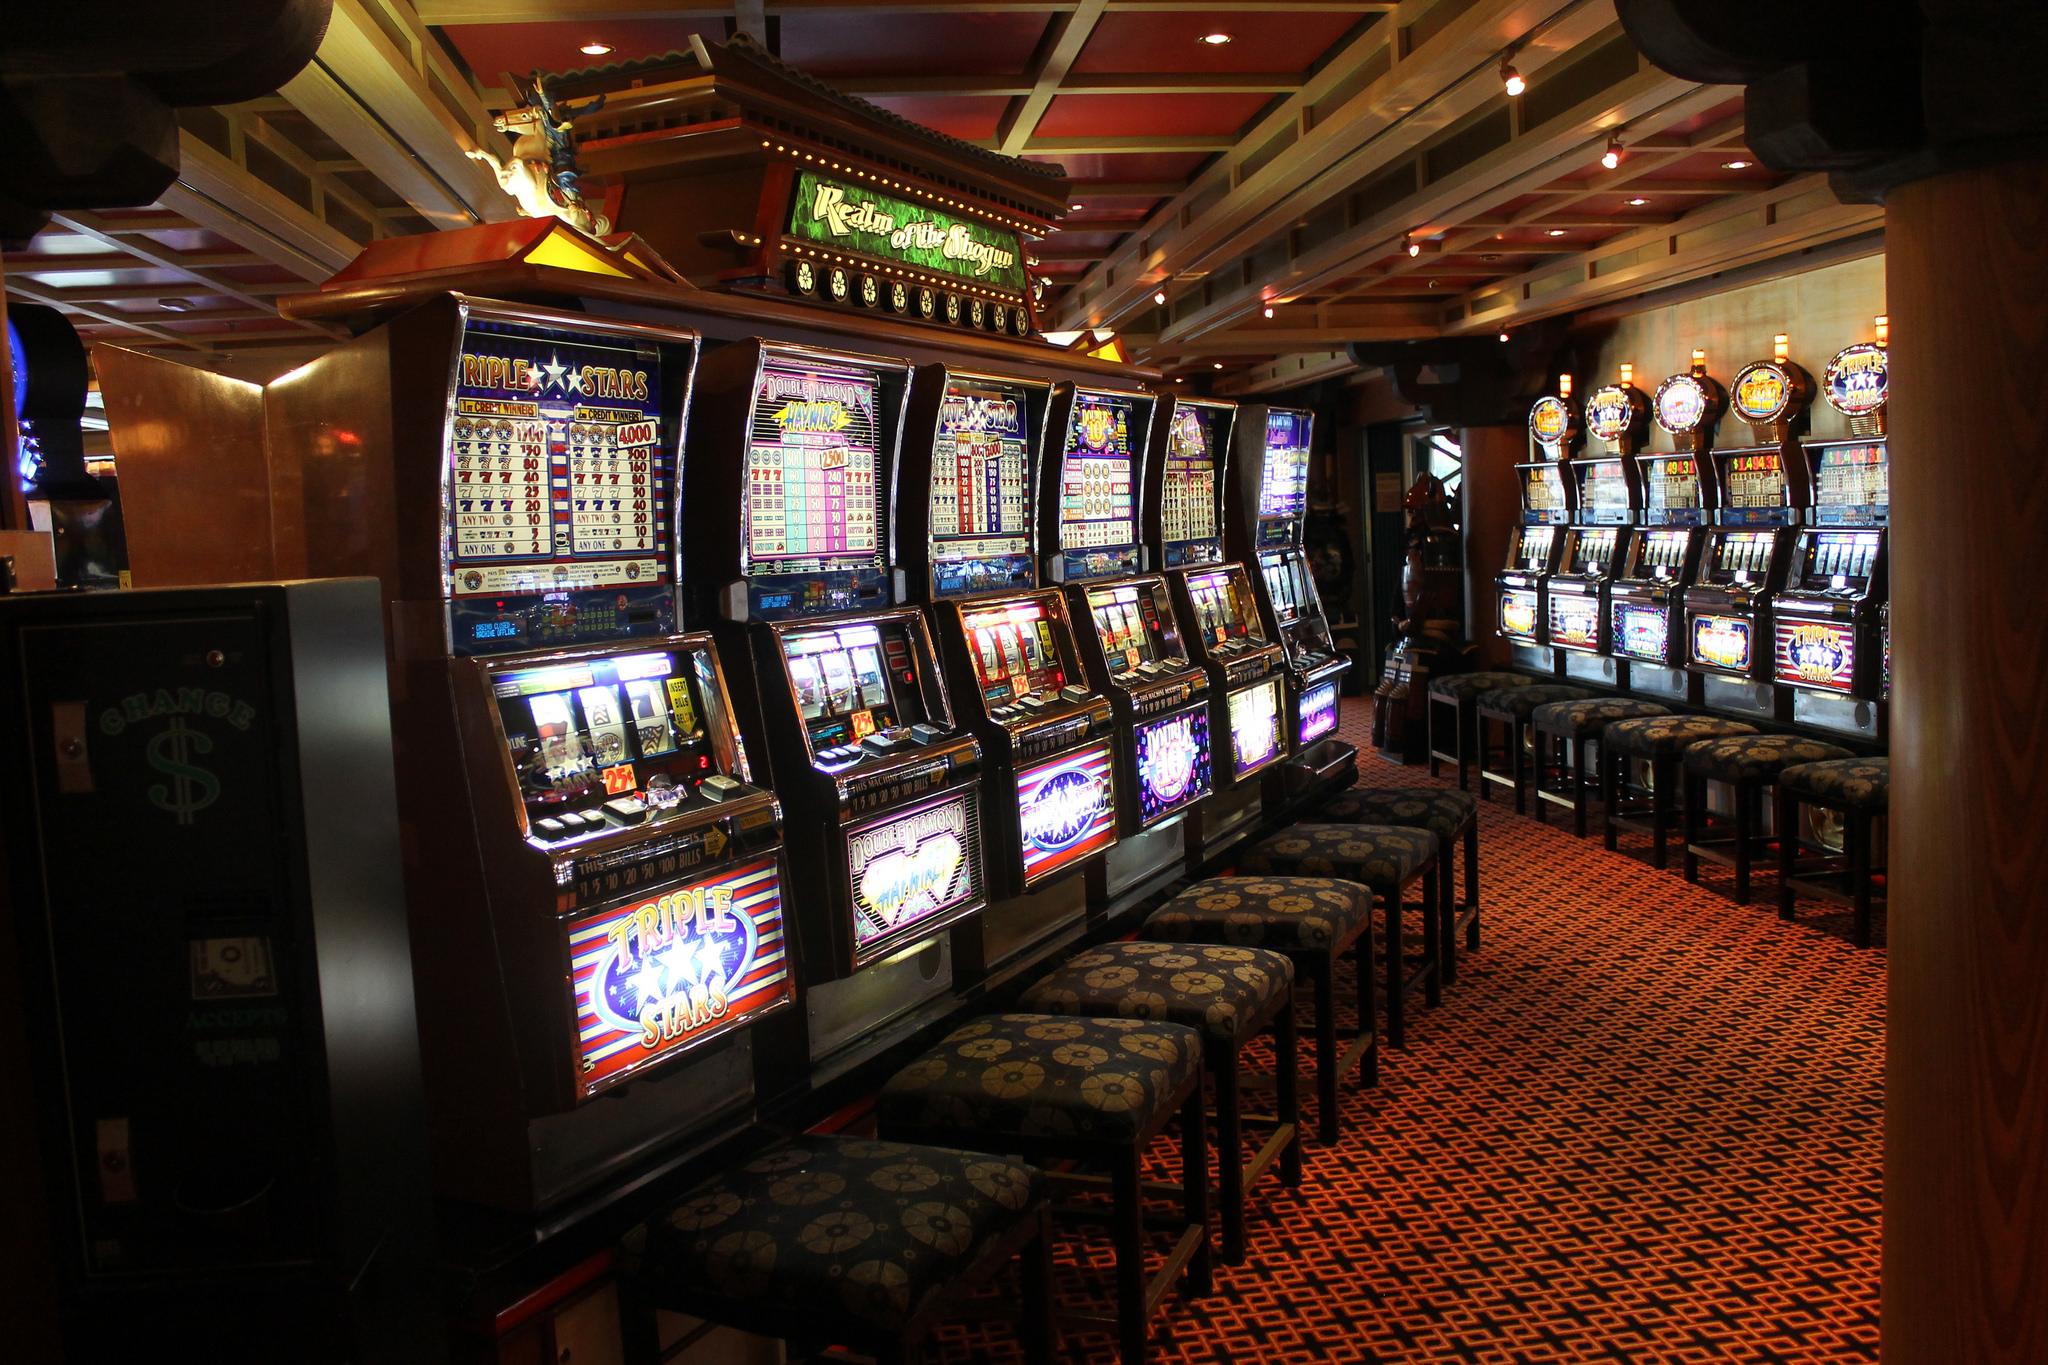 Spielautomaten in der Spielhalle